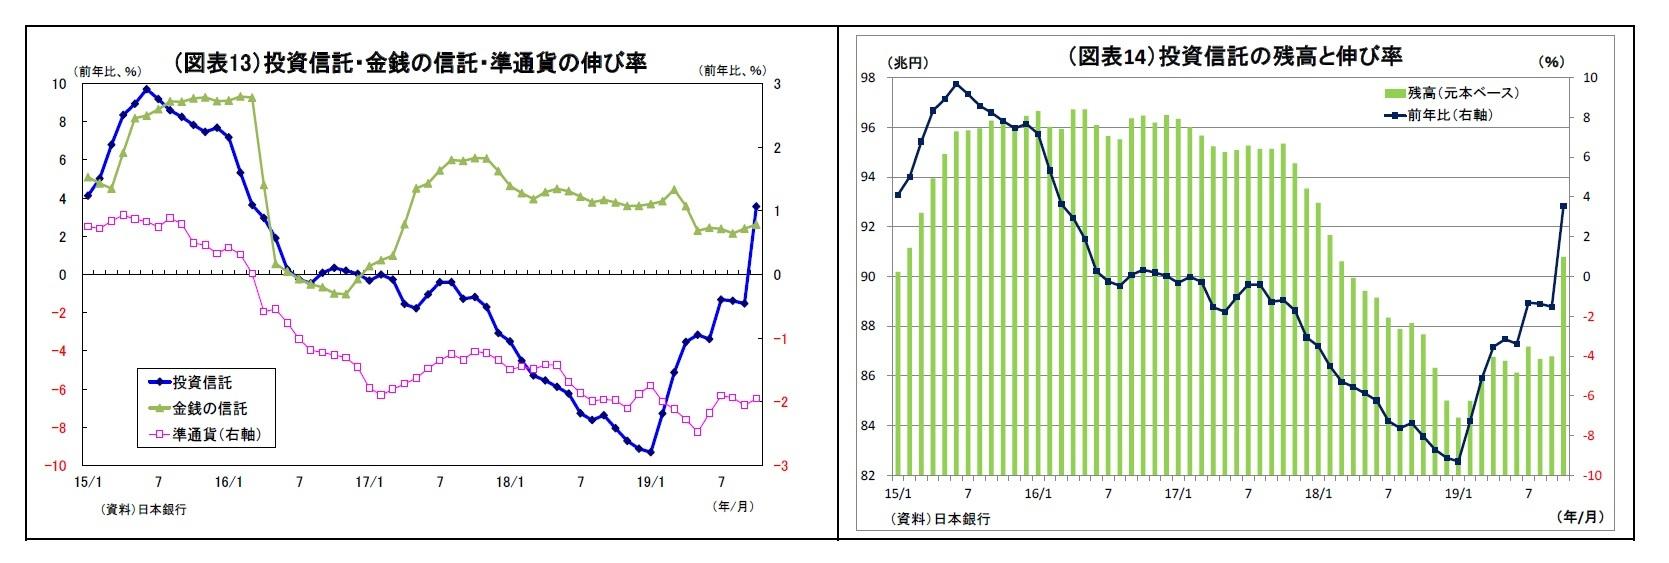 (図表13)投資信託・金銭の信託・準通貨の伸び率/(図表14)投資信託の残高と伸び率